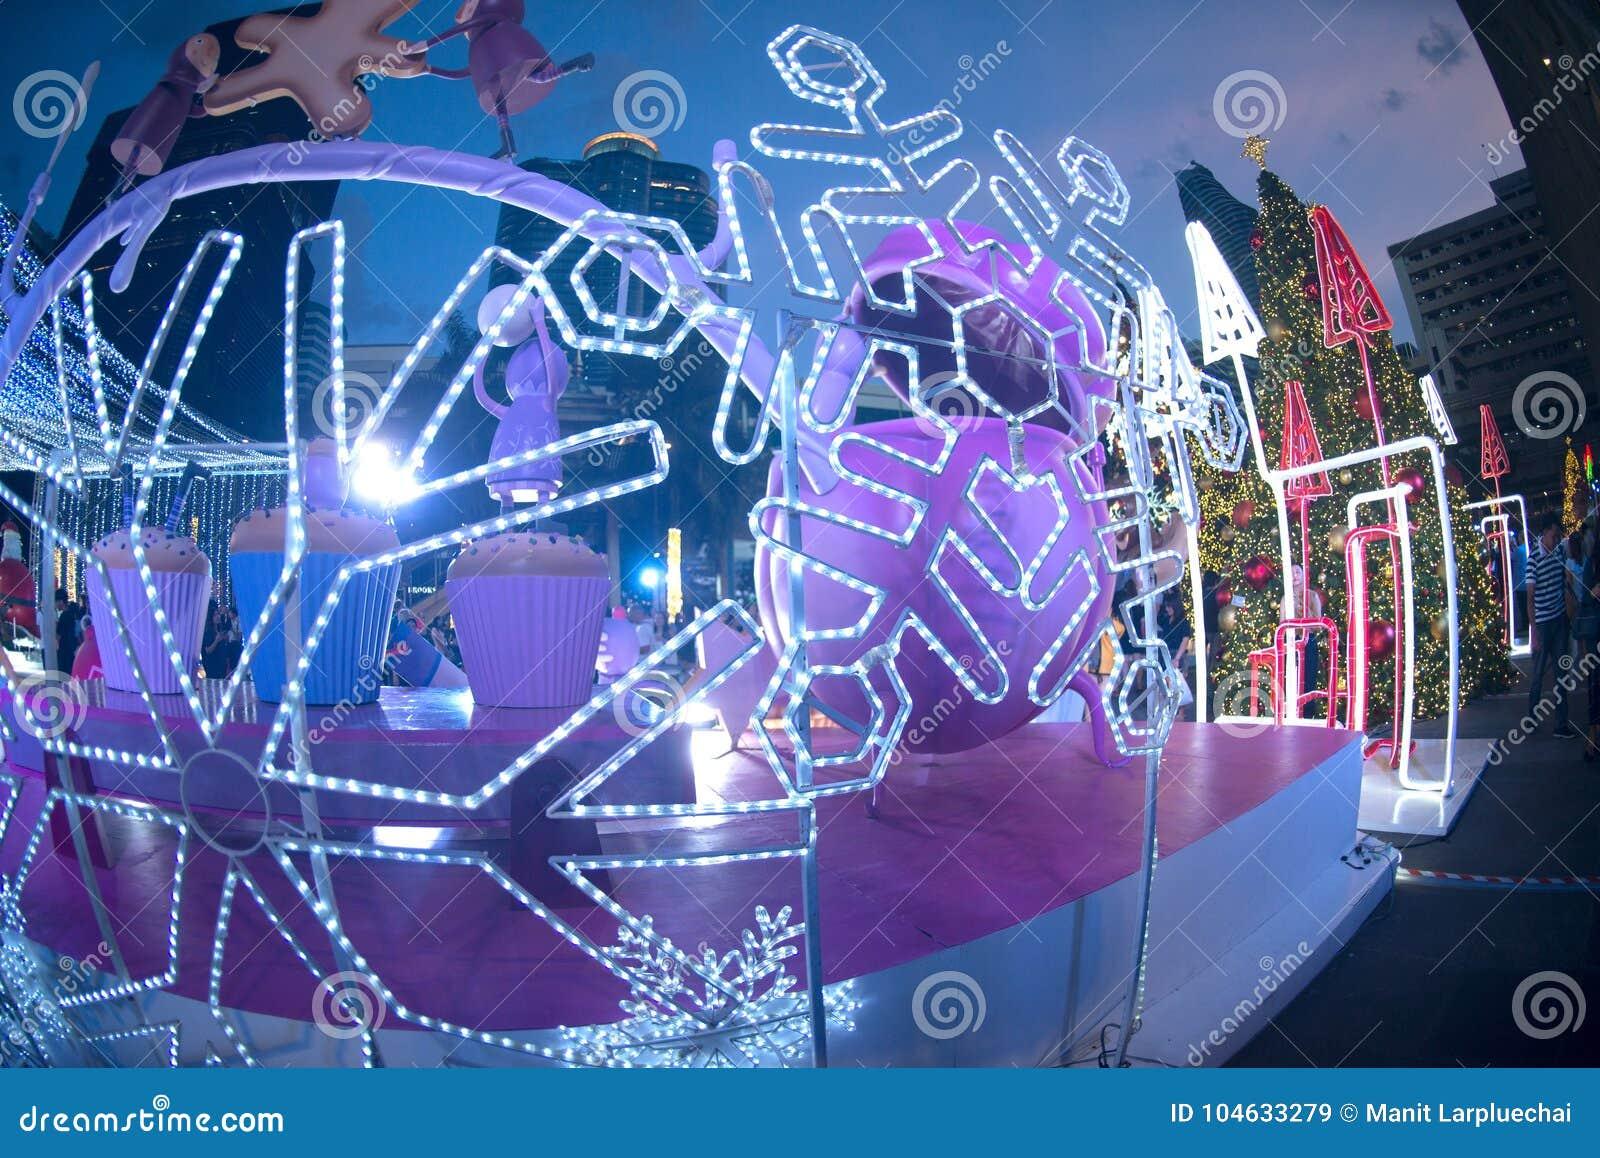 Download Het Licht Verfraait Mooi Op Kerstboomviering Redactionele Stock Afbeelding - Afbeelding bestaande uit azië, luxe: 104633279